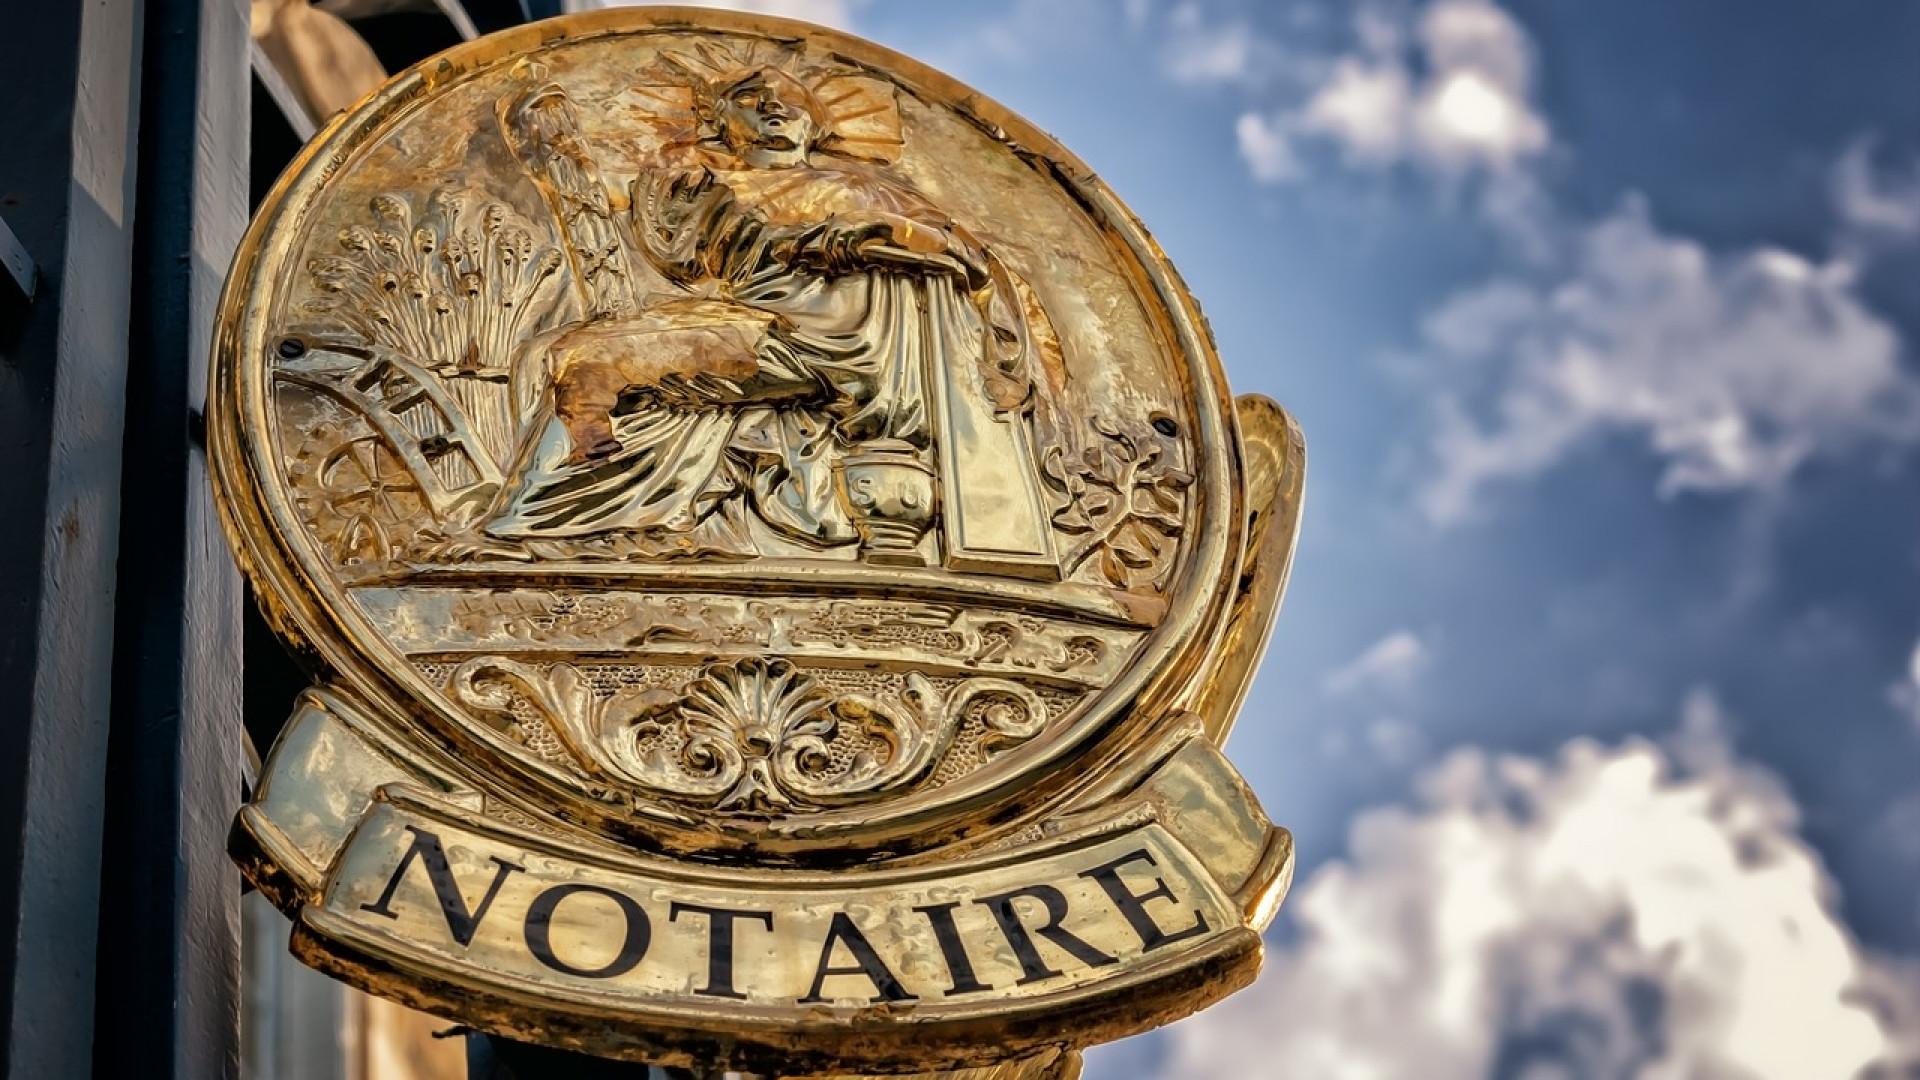 Comment choisir son notaire lors de l'achat d'un bien immobilier à Toulon ?